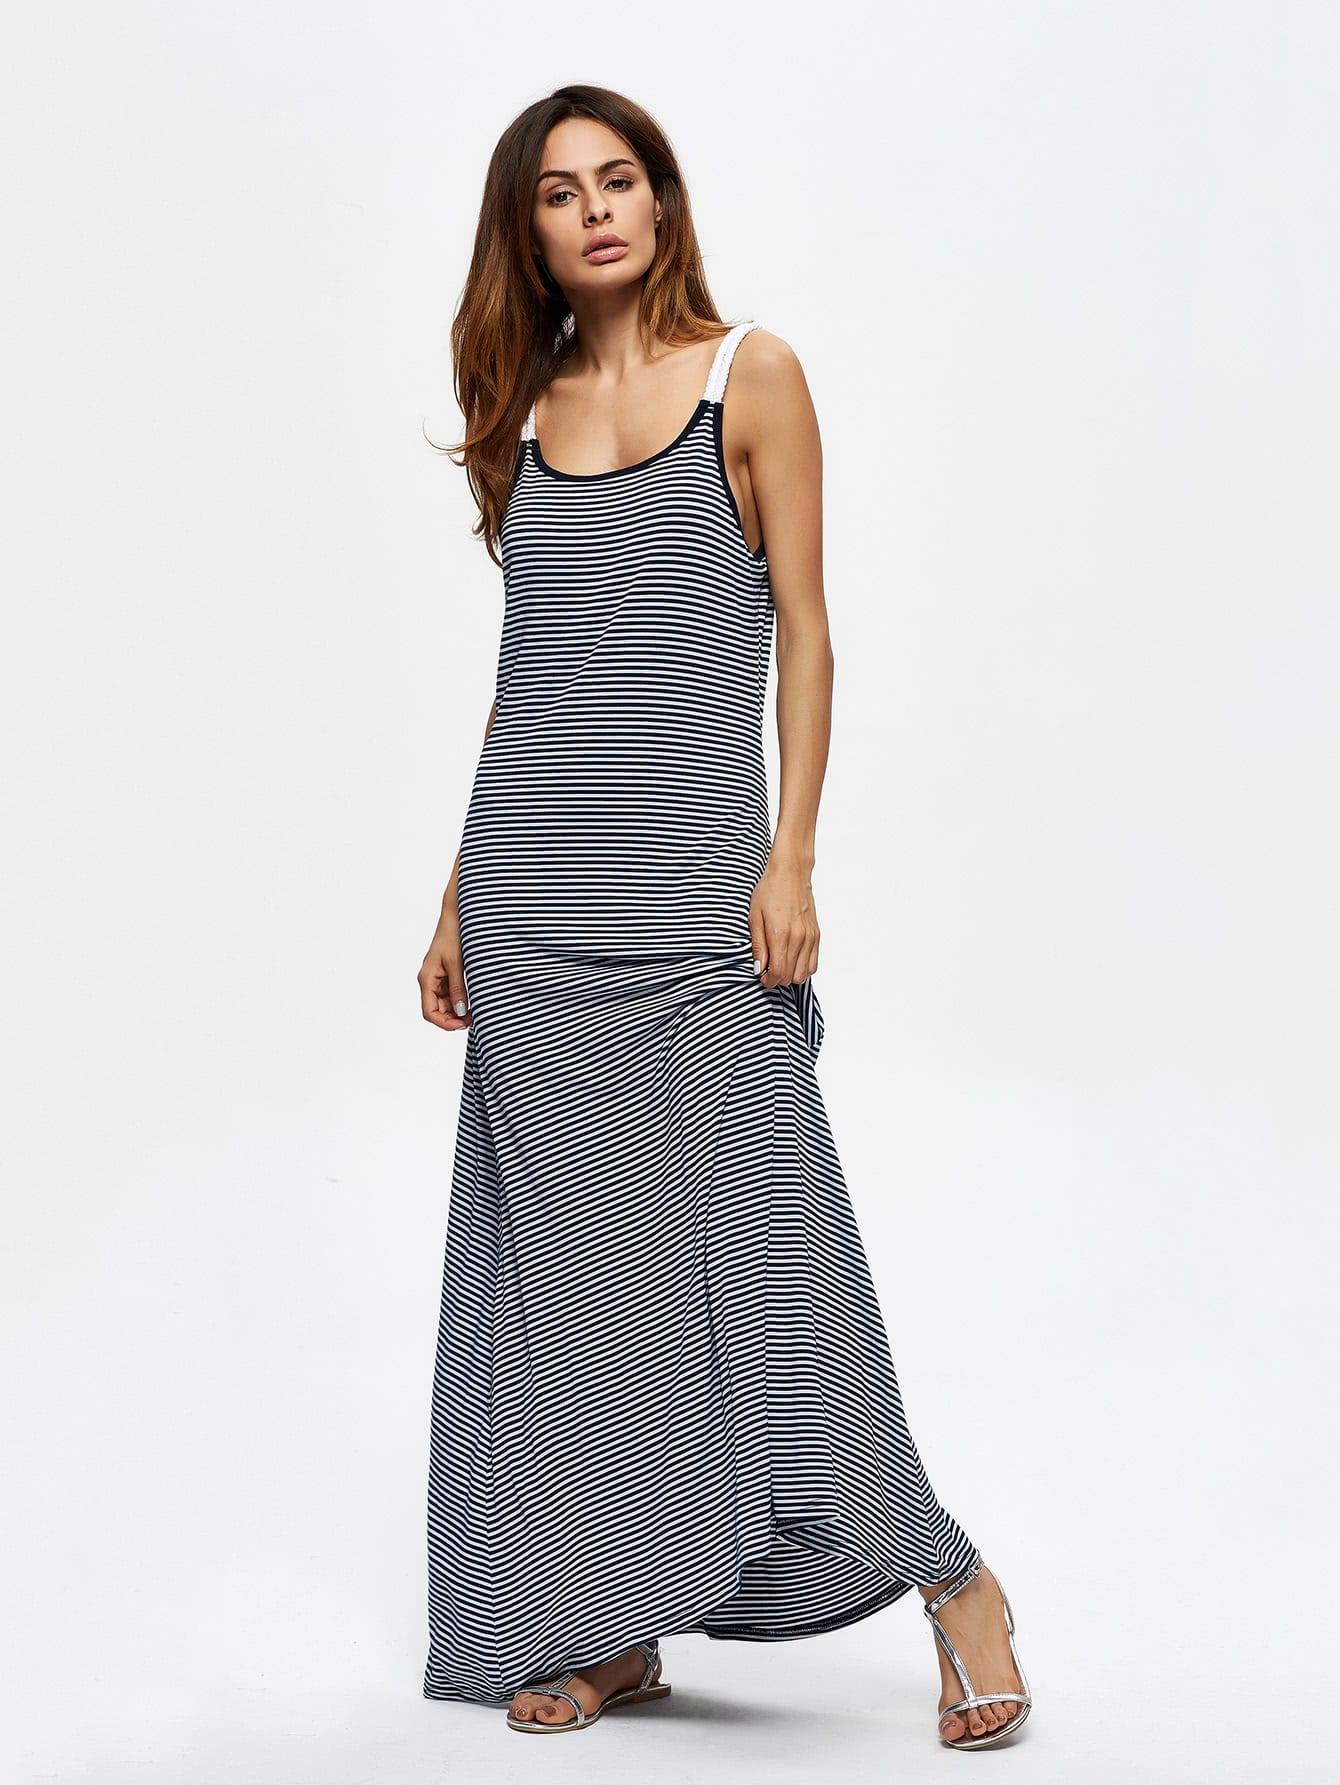 dress170605102_2